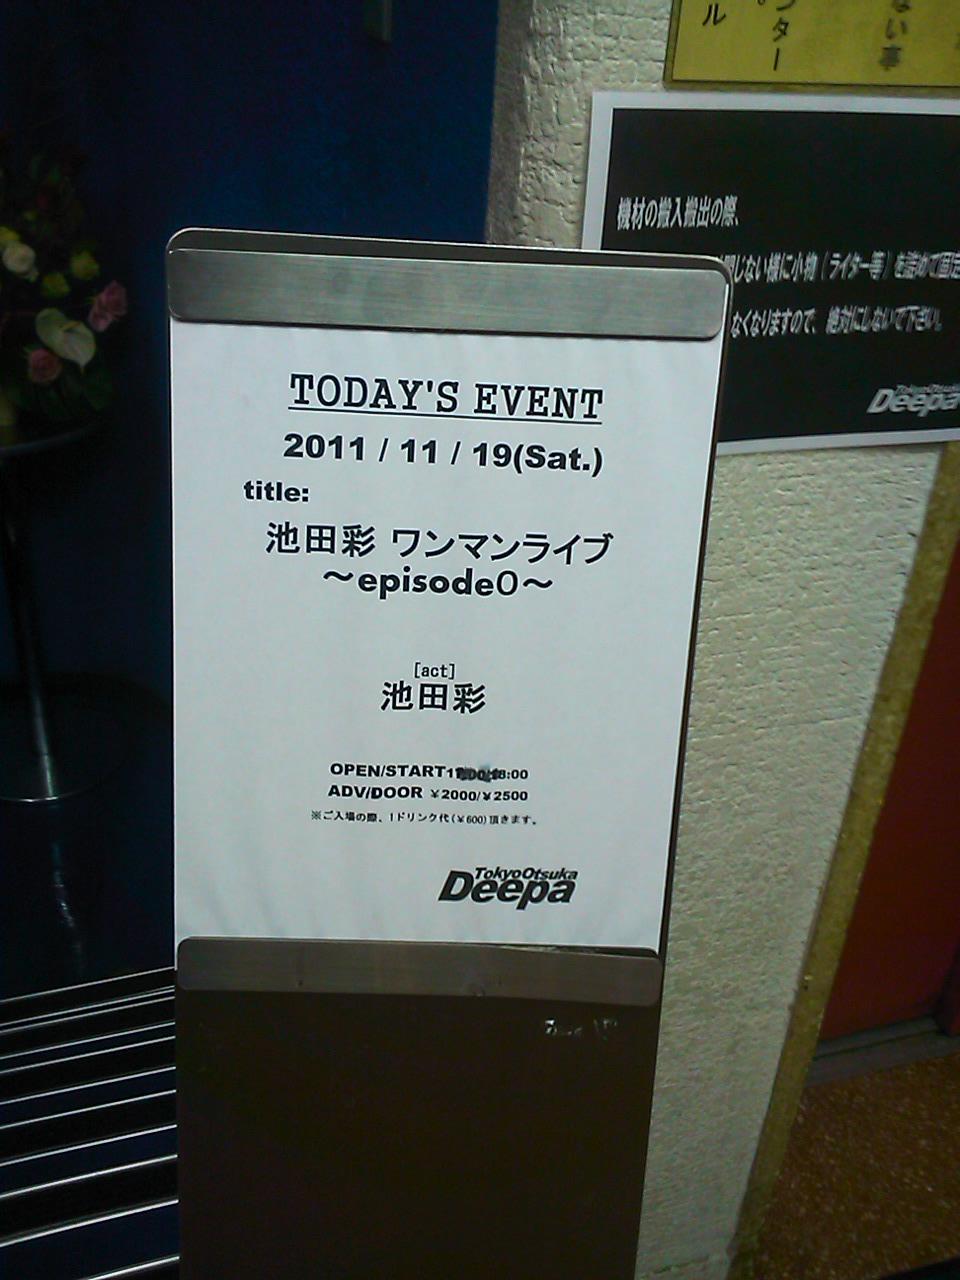 Sn3n0032